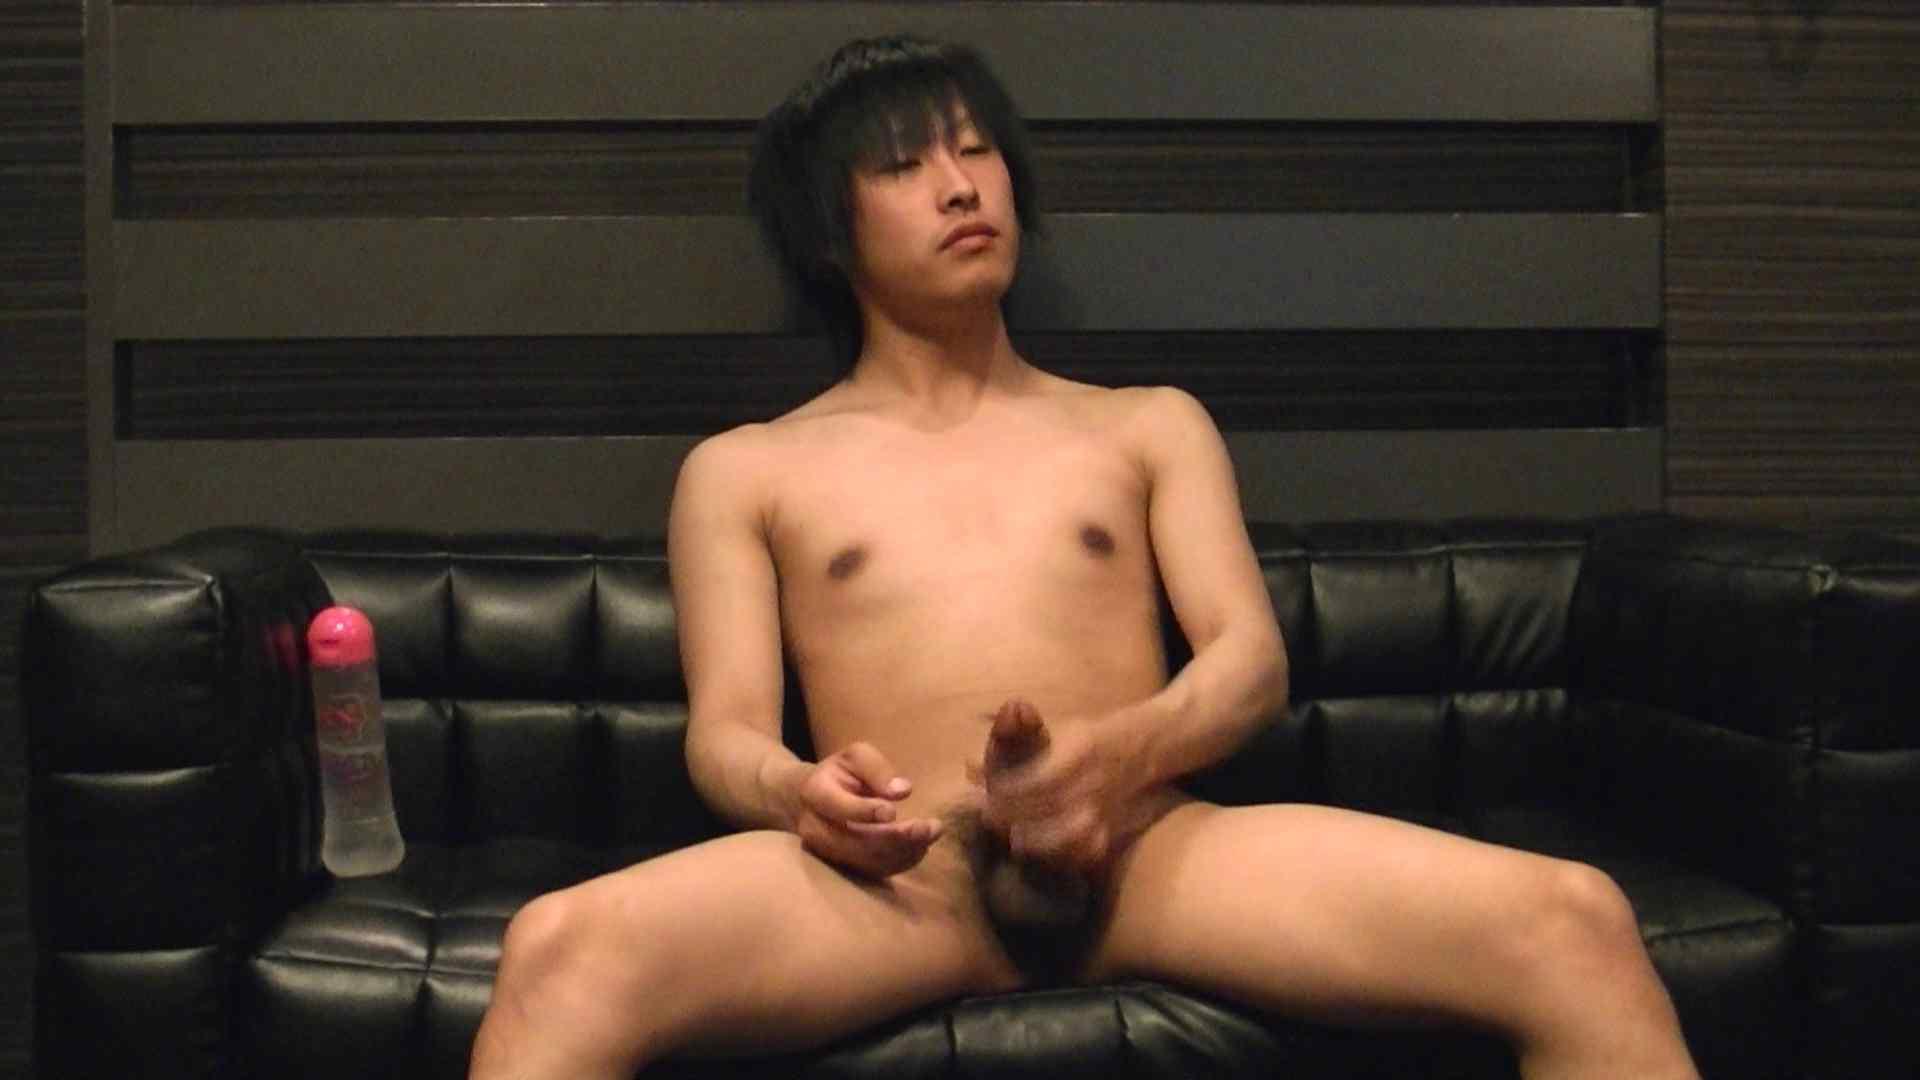 Mr.オナックスさん投稿!HD 貴方のオナニー三万円で撮影させてください。VOL.01 オナニー特集 | スジ筋系ボーイズ  101pic 9